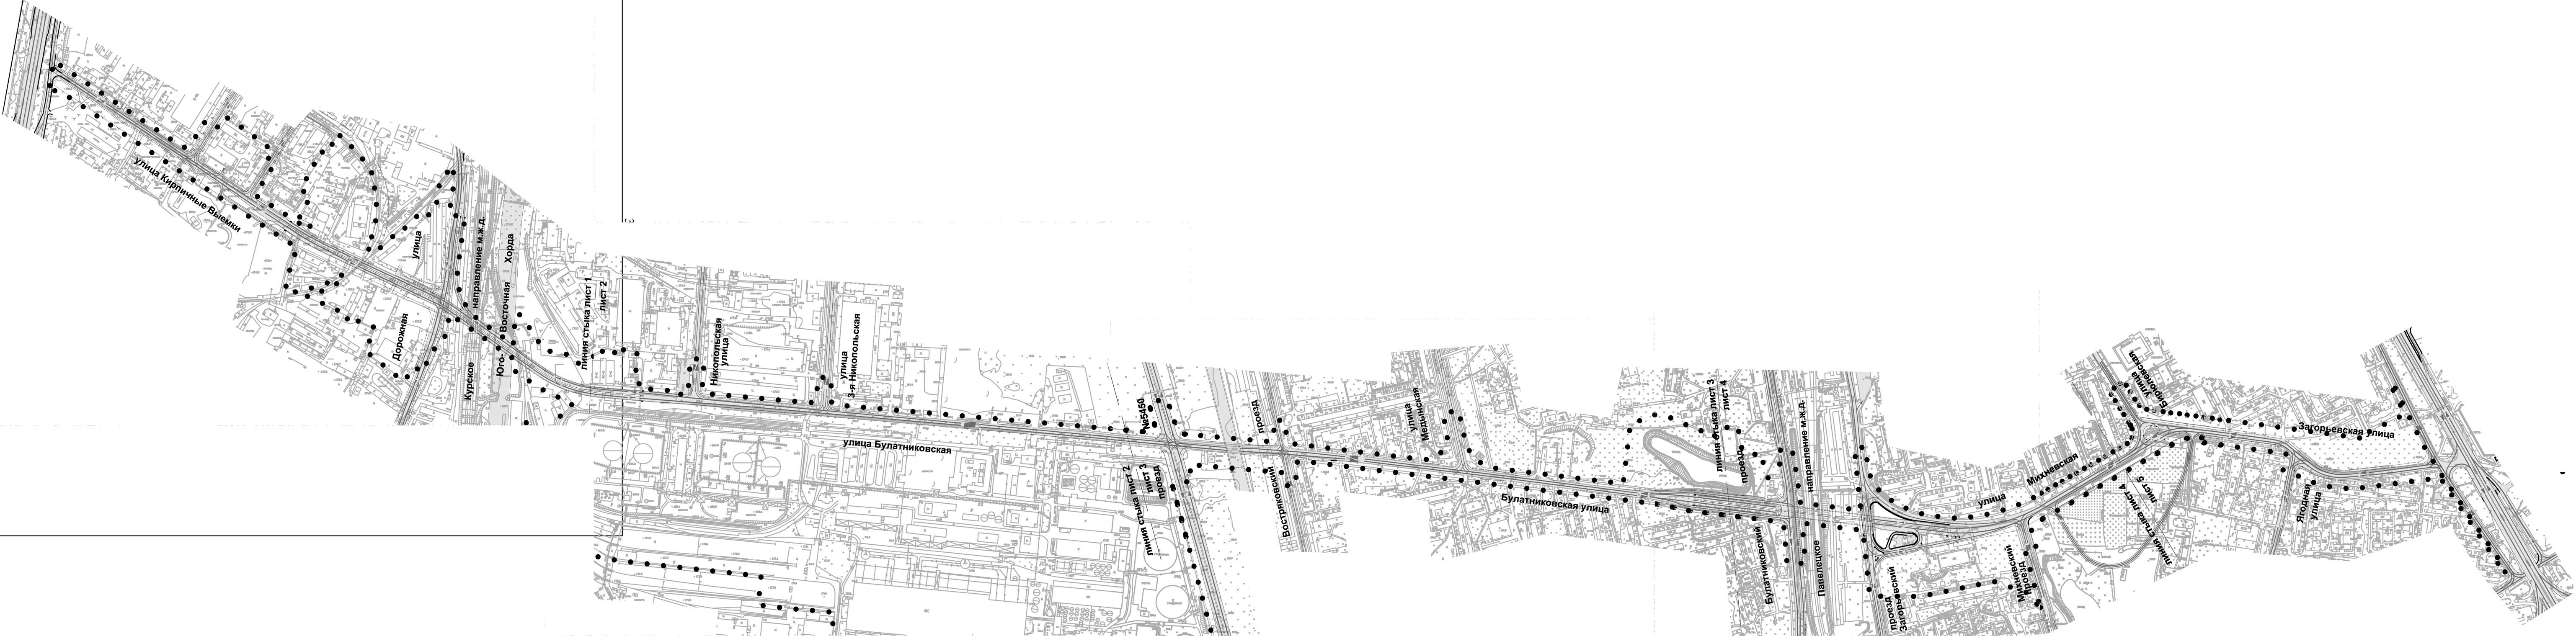 план схема новорижского шоссе в 2012 2015